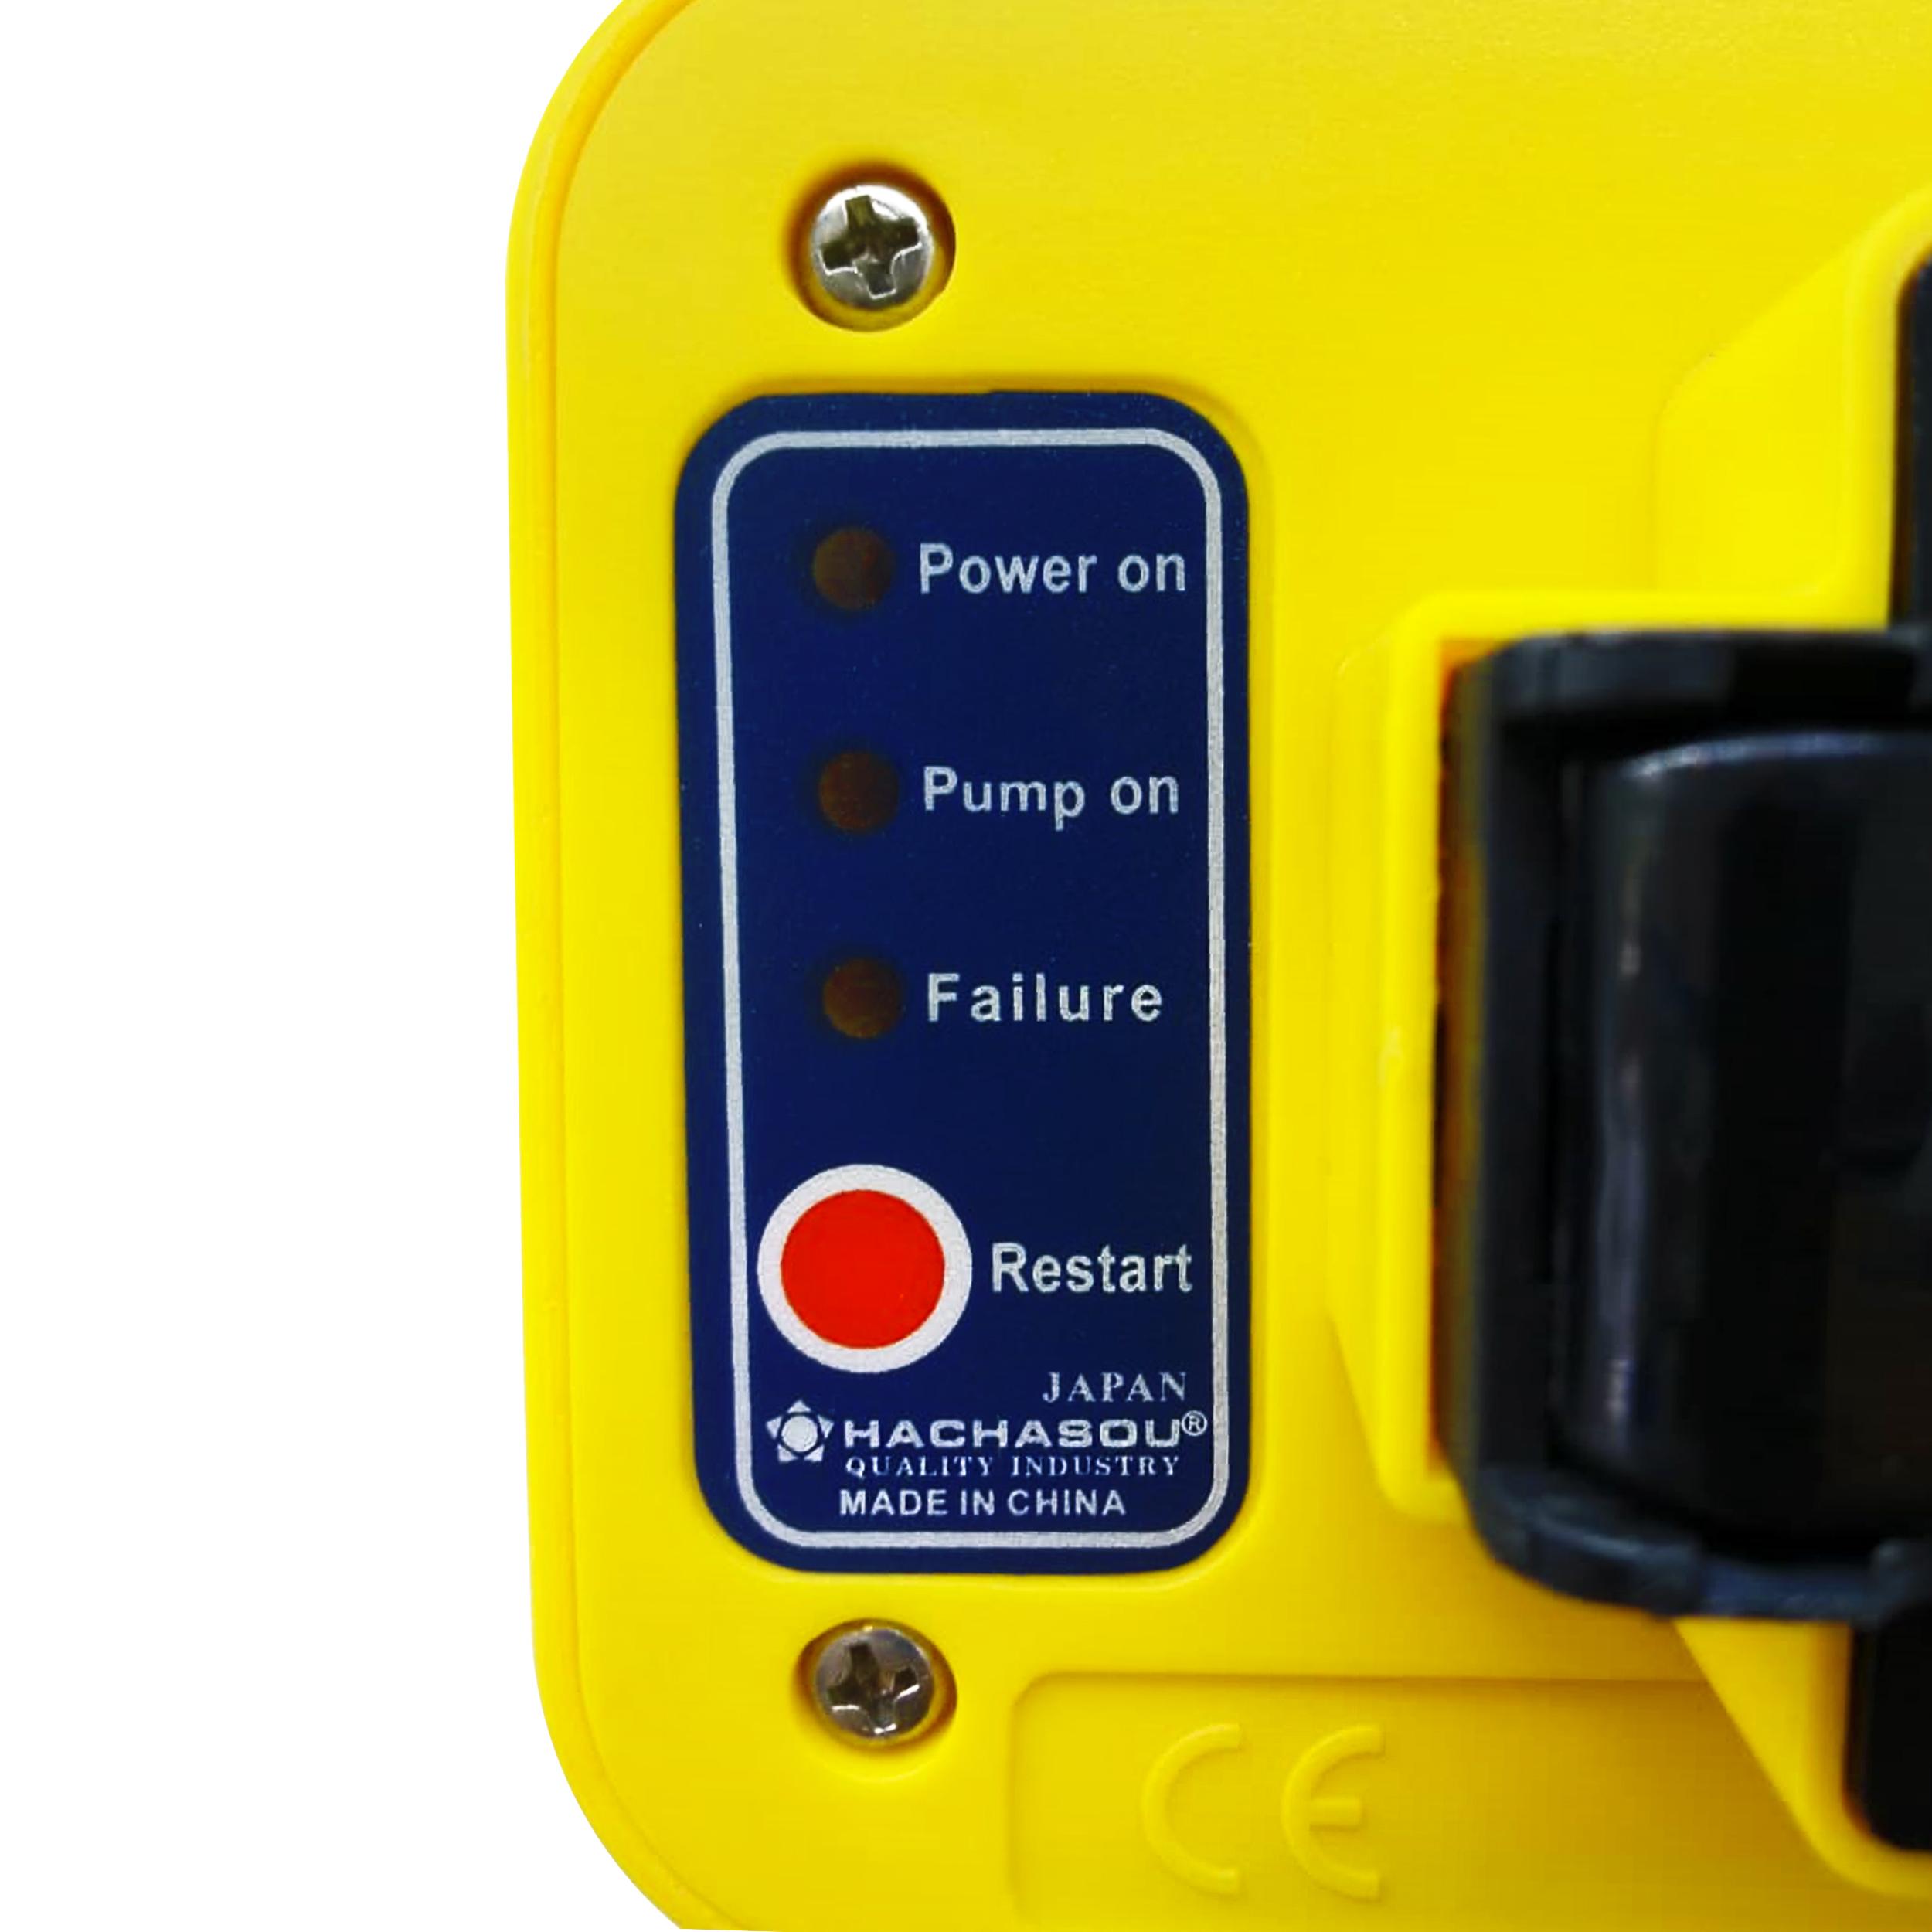 کلید کنترل اتوماتیک پمپ هاچاسو مدل vpc2030